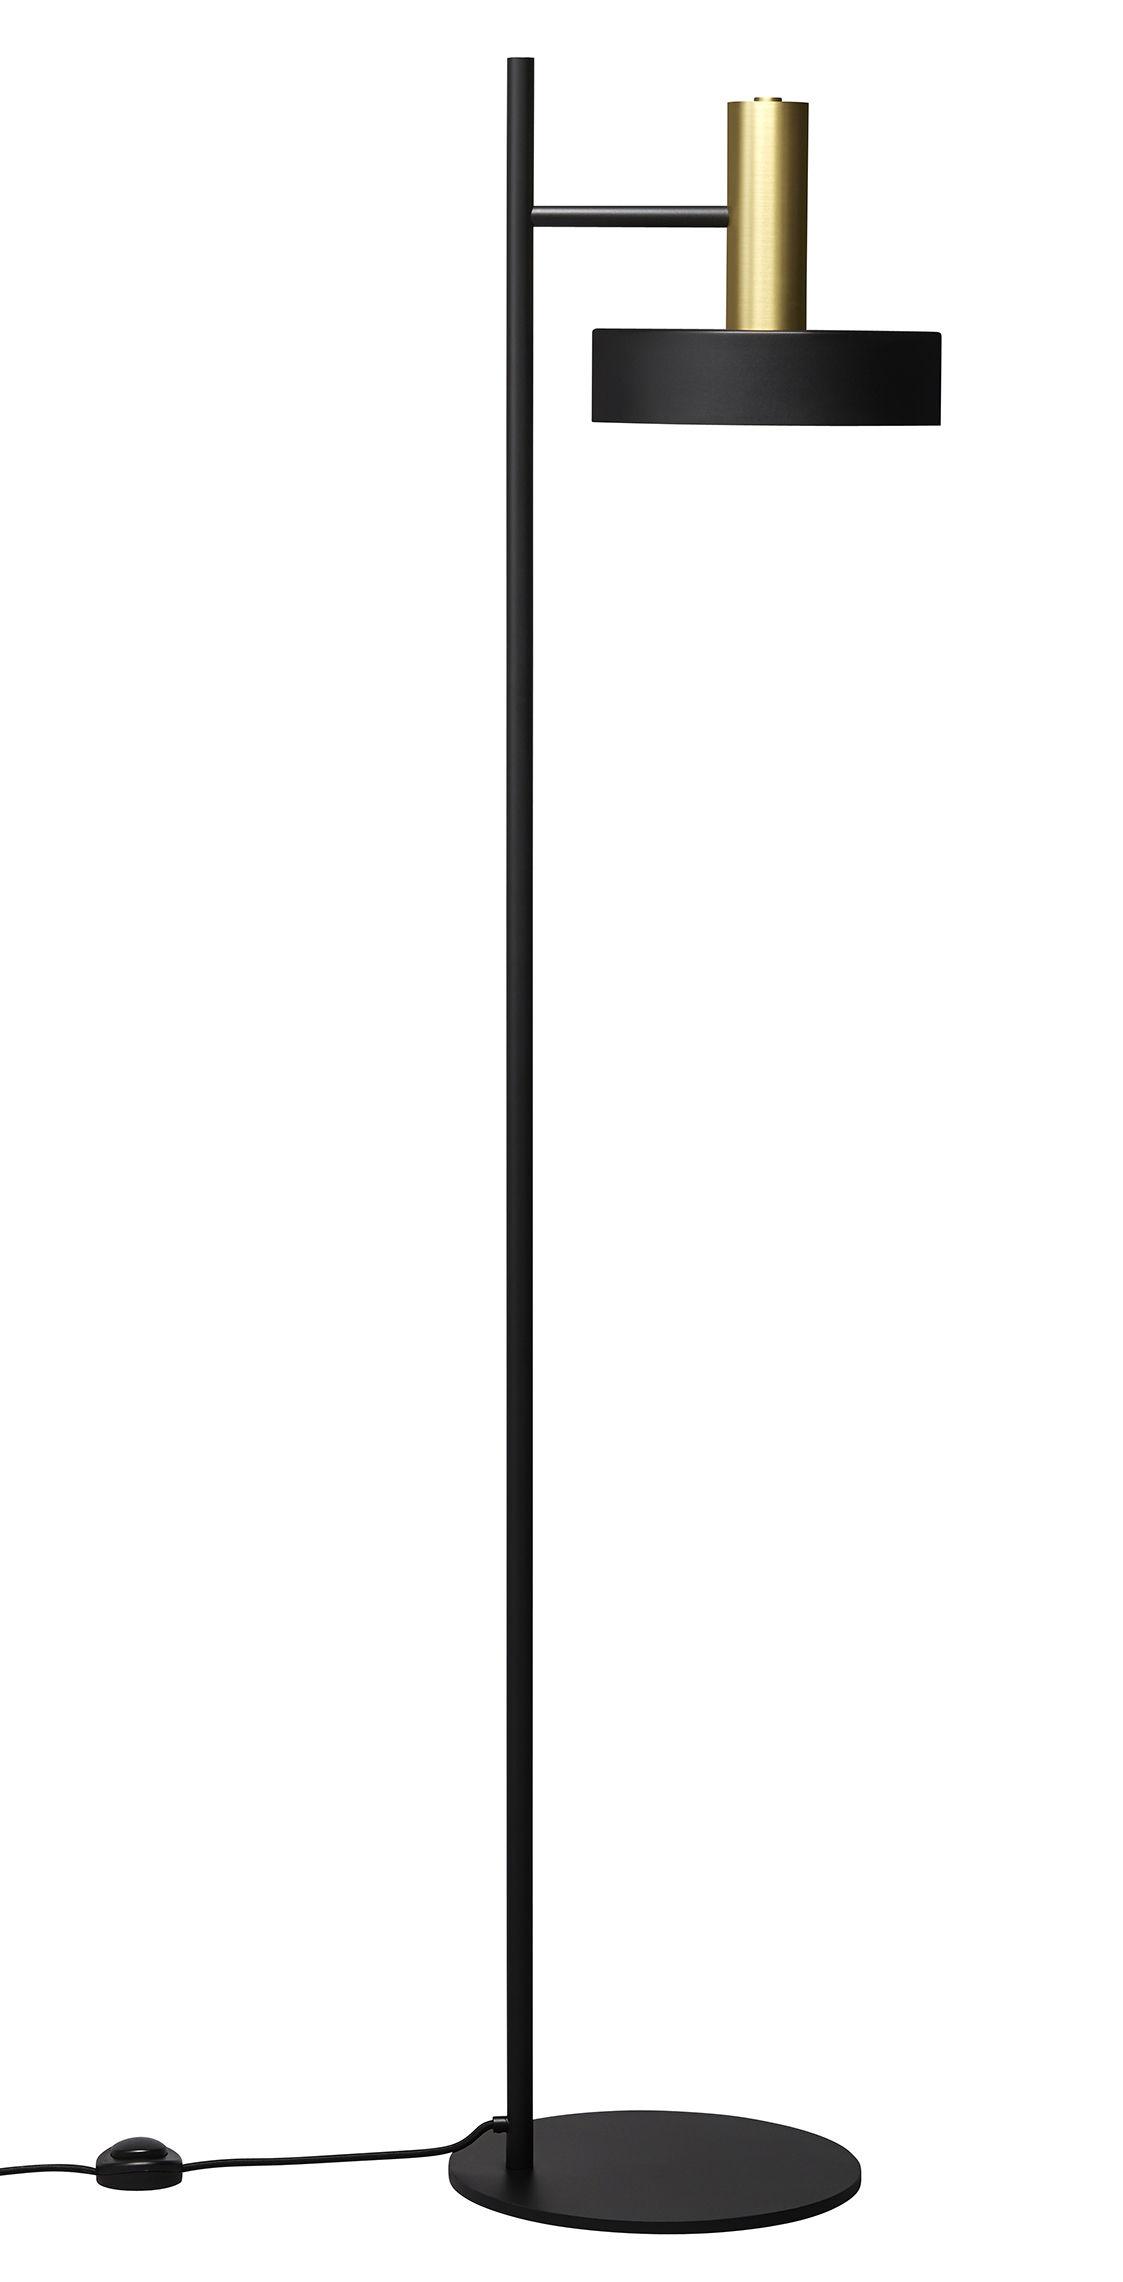 Luminaire - Lampadaires - Lampadaire SL01 / H 153,5 cm - Laiton & acier - Rewired - Laiton & noir - Acier laqué époxy, Laiton